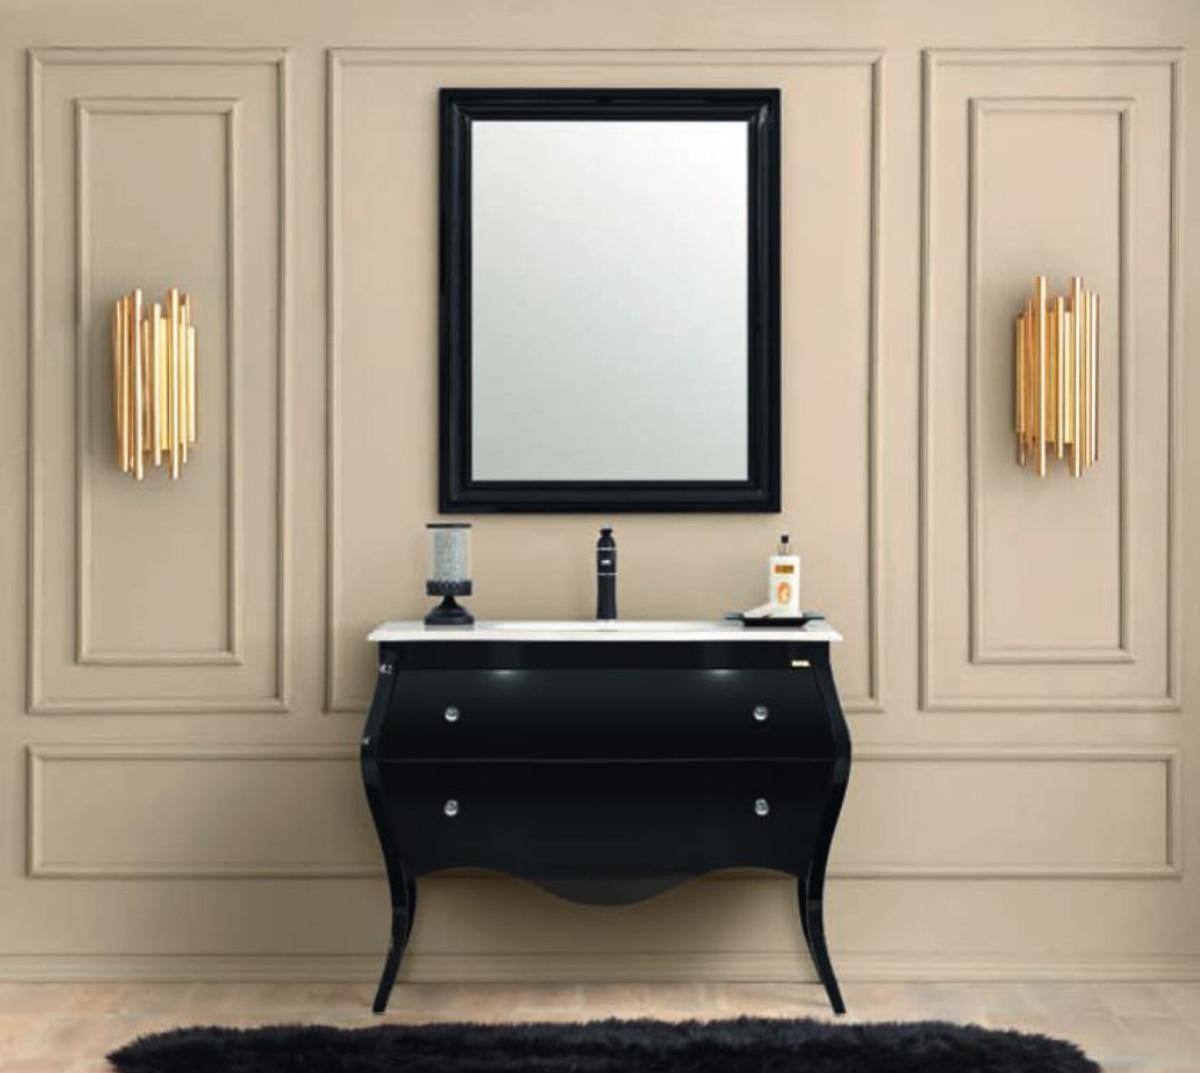 casa padrino ensemble de salle de bains baroque de luxe noir blanc 1 table de lavage 1 lavabo 1 miroir mural meubles de salle de bain de